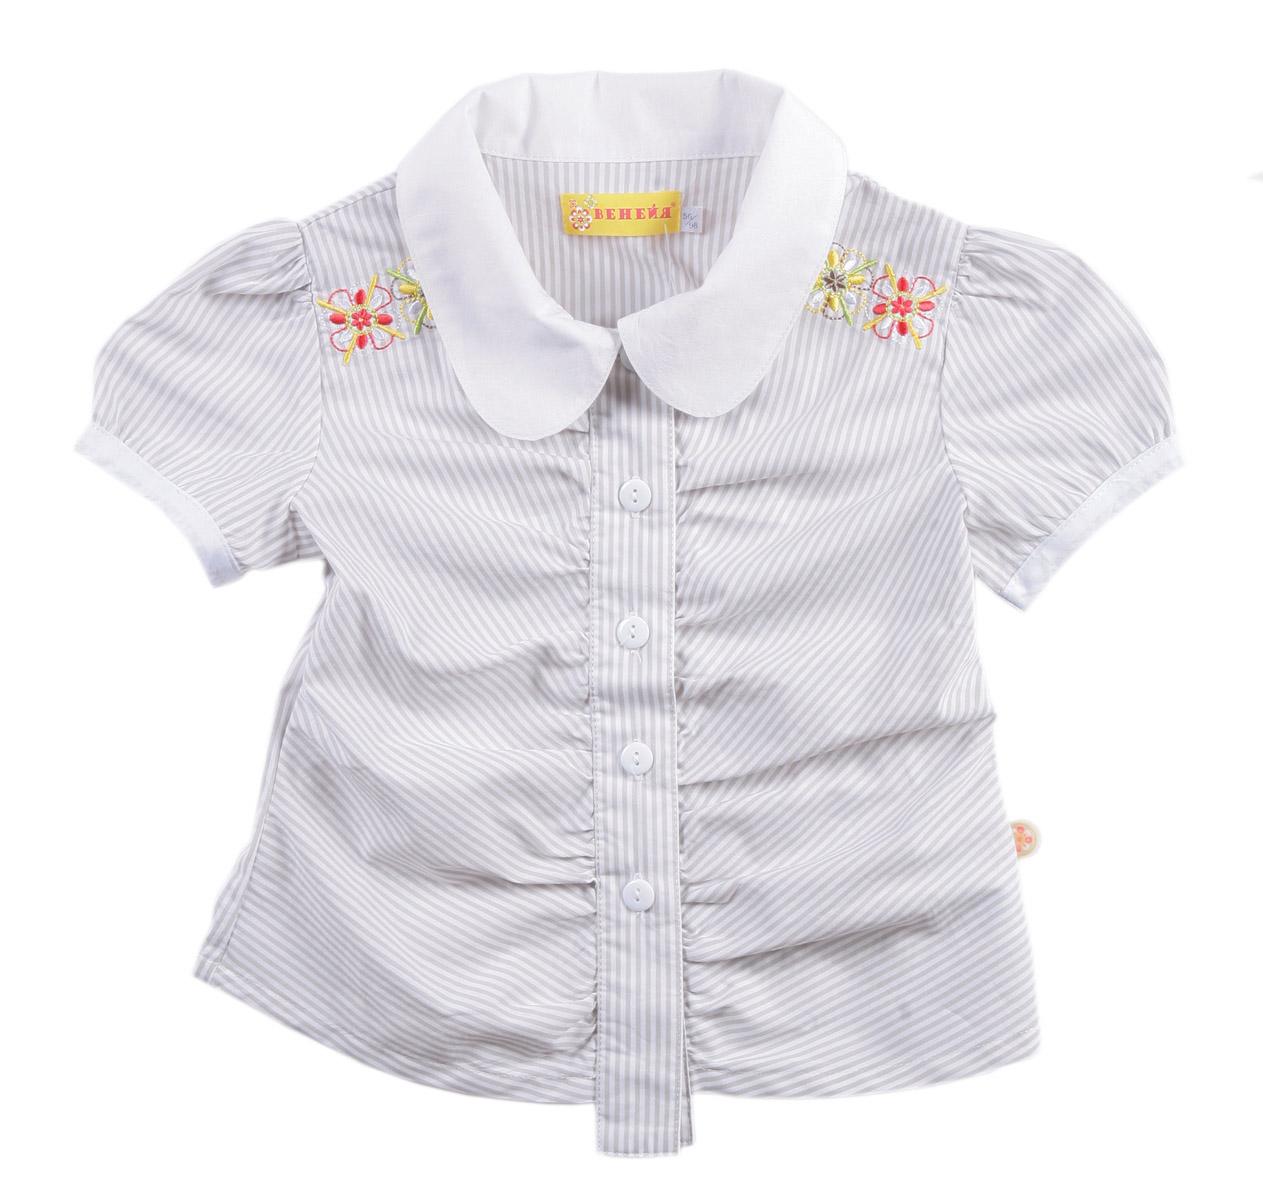 Купить Блузку Детскую Недорого